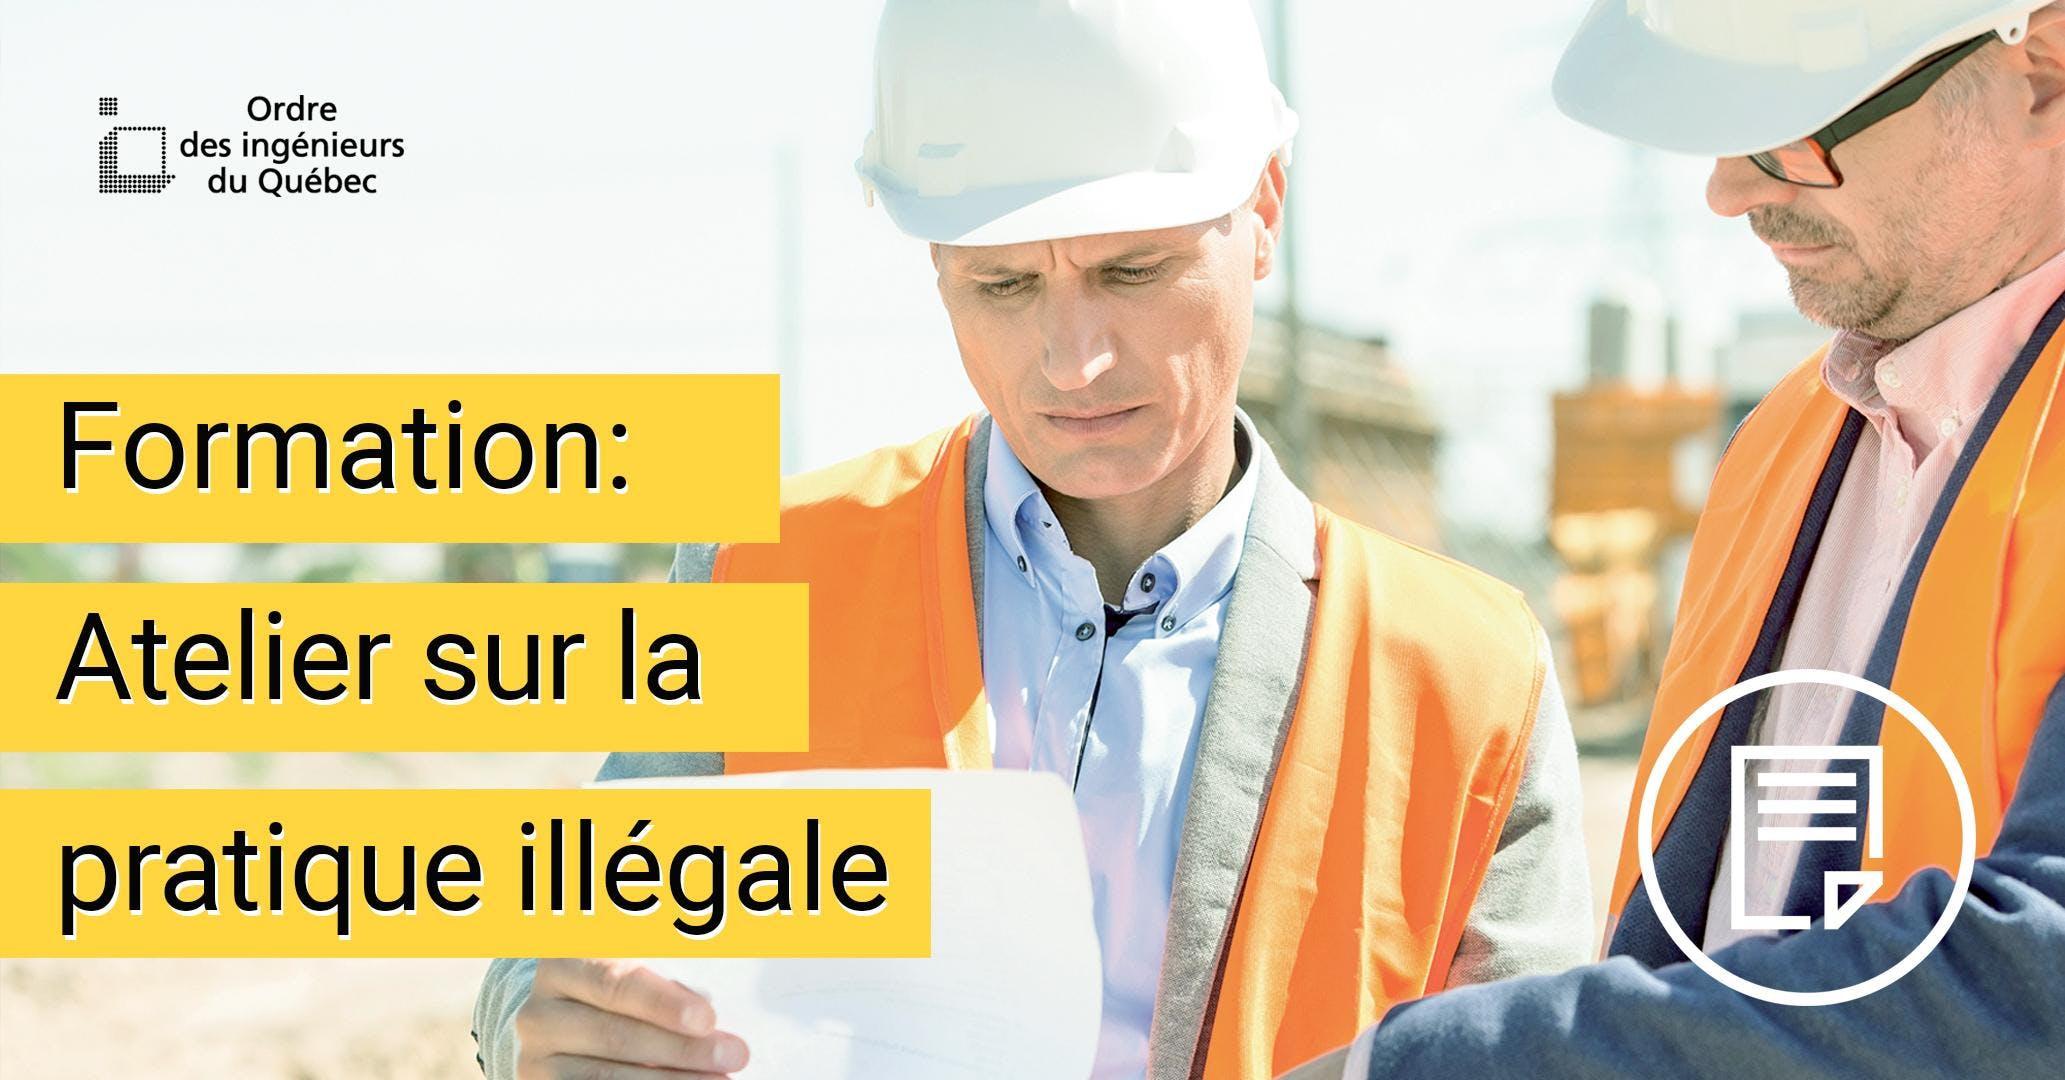 Formation - Atelier sur la pratique illégale